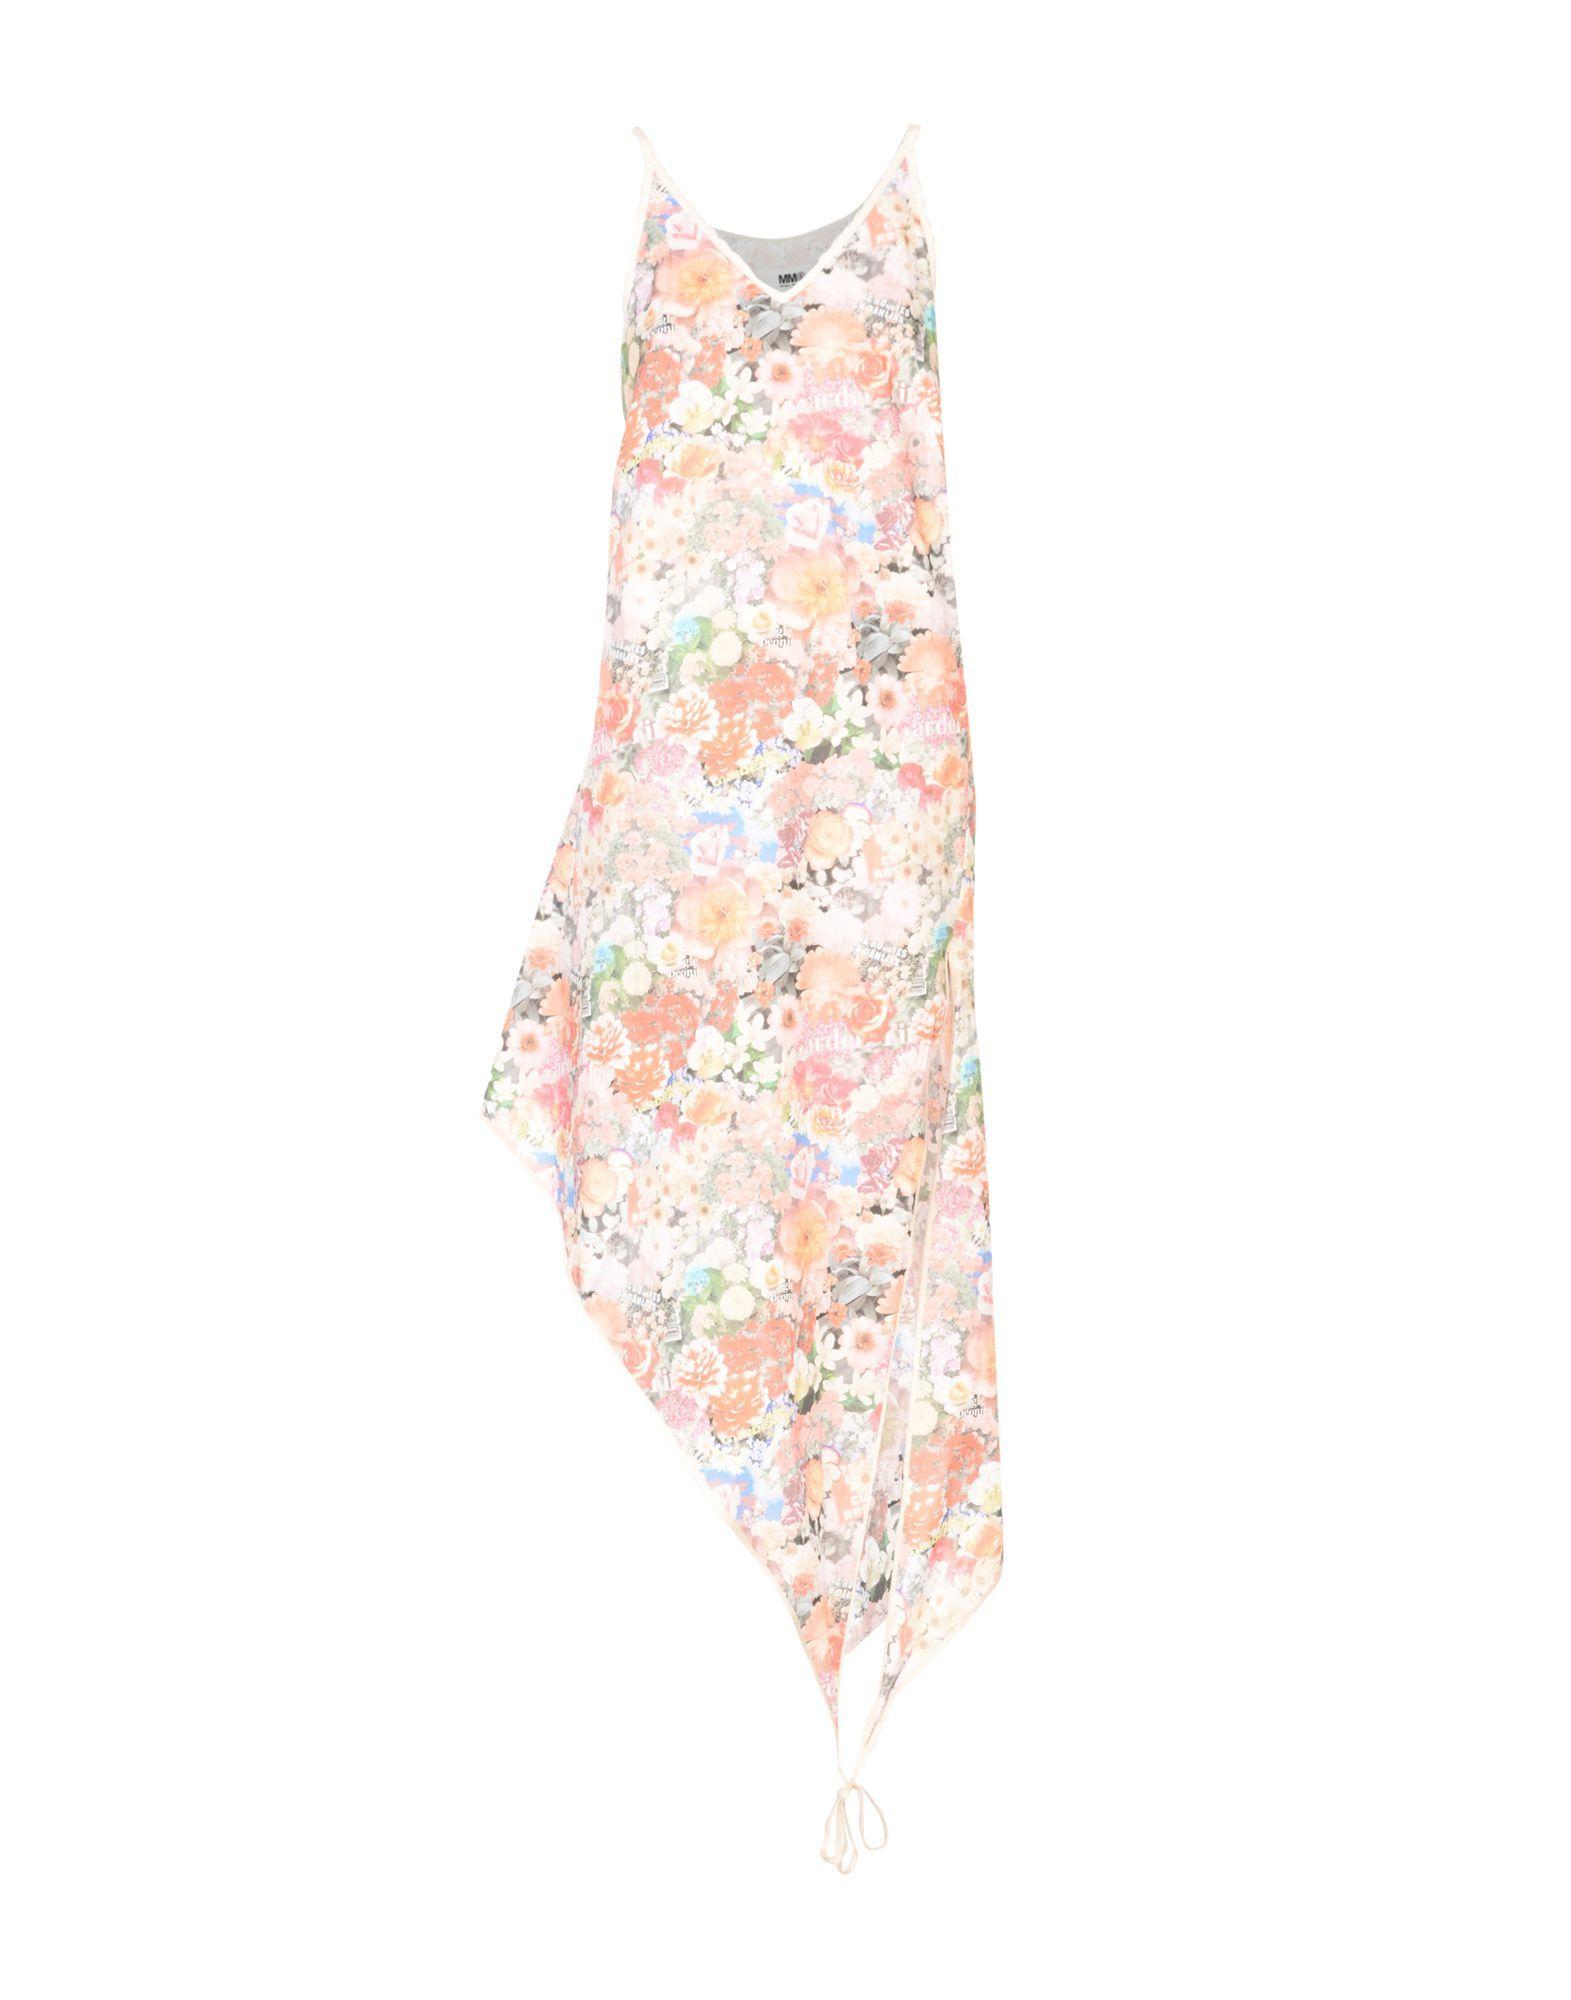 MM6 Maison Margiela Pink Floral Print Cotton Slip Dress